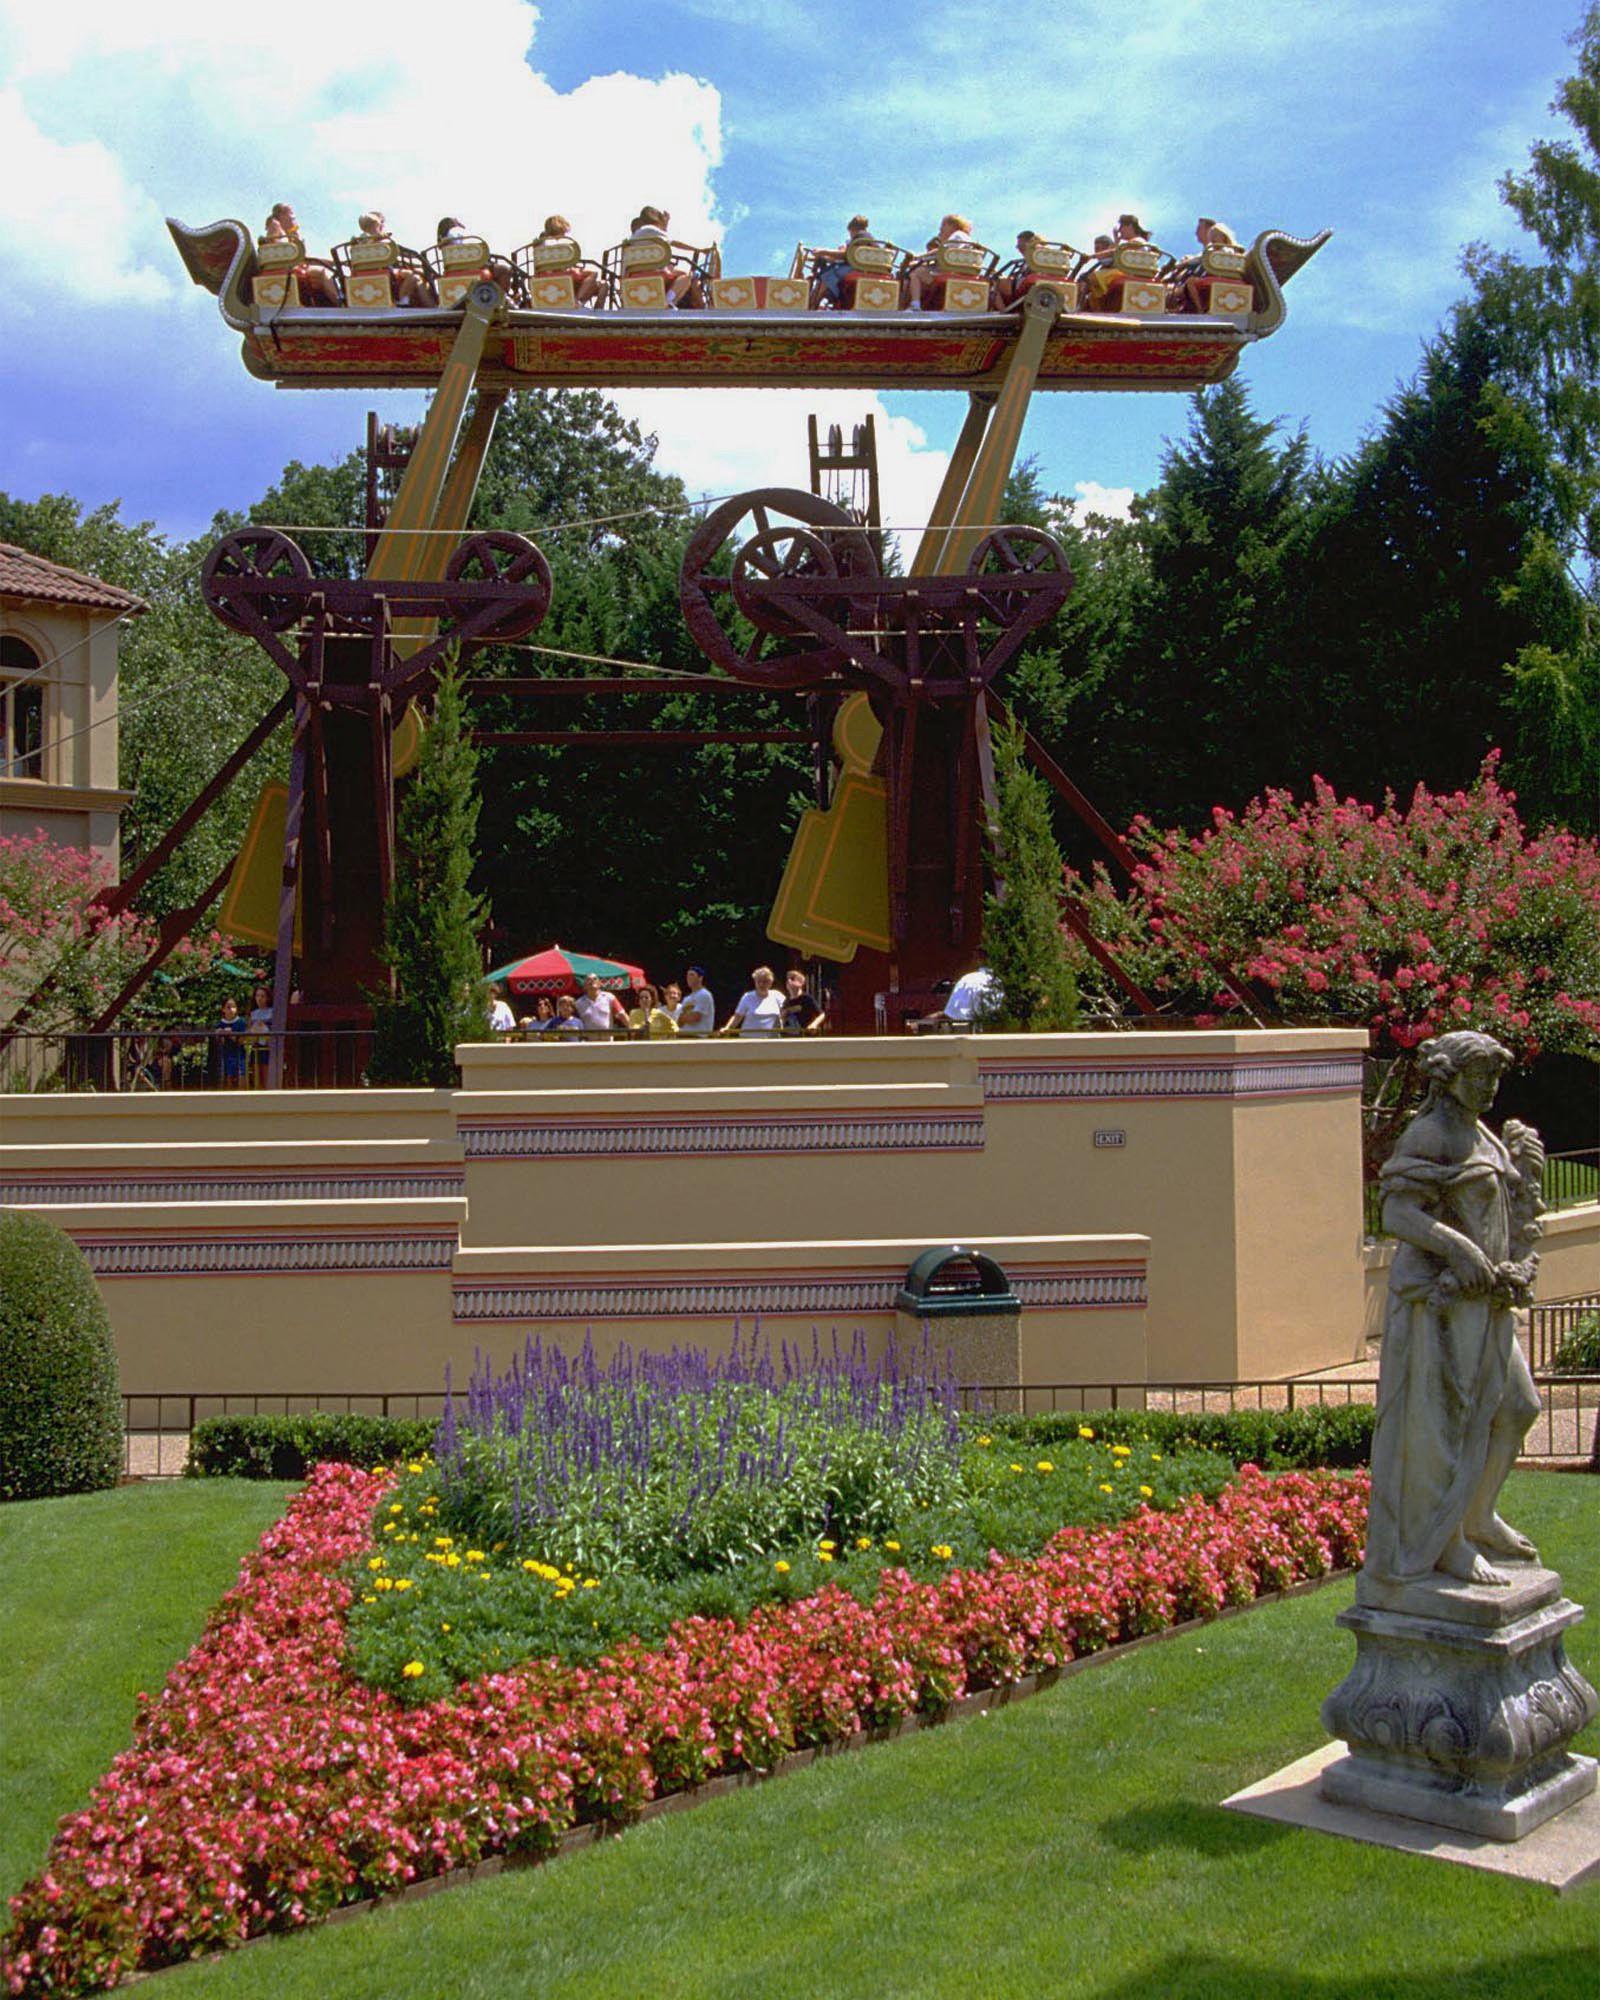 babe08e2d9d1e227b8ff9ff0b77cd83b - Da Vinci's Cradle Busch Gardens Williamsburg